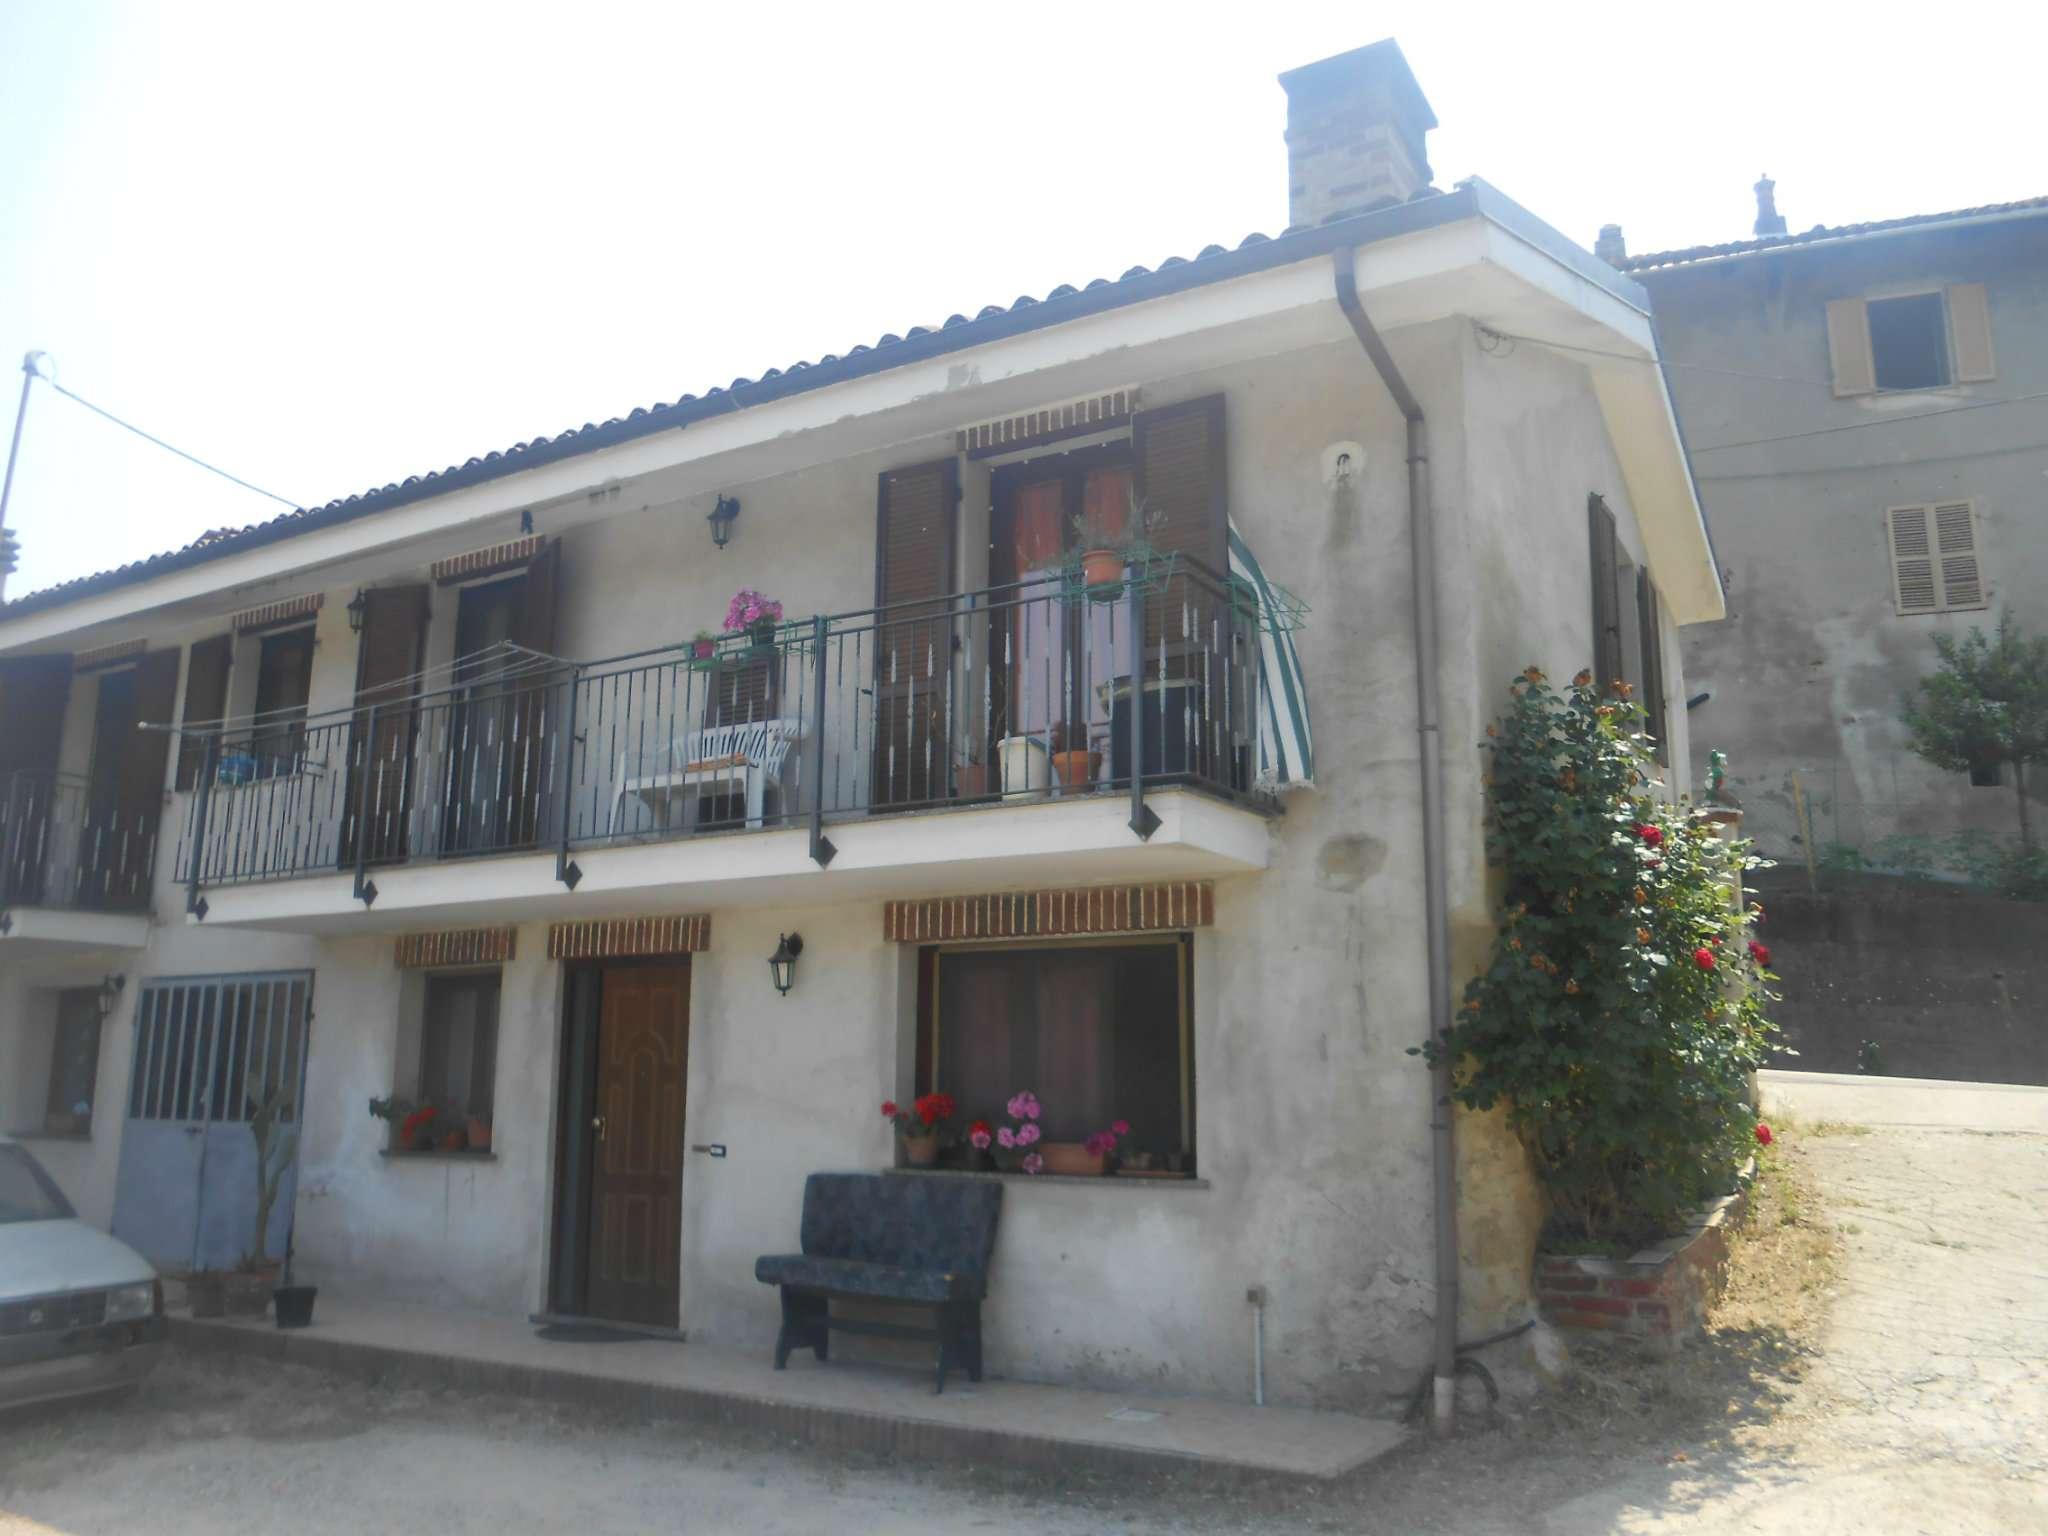 Foto 1 di Casa indipendente via garibaldi 6, Arignano